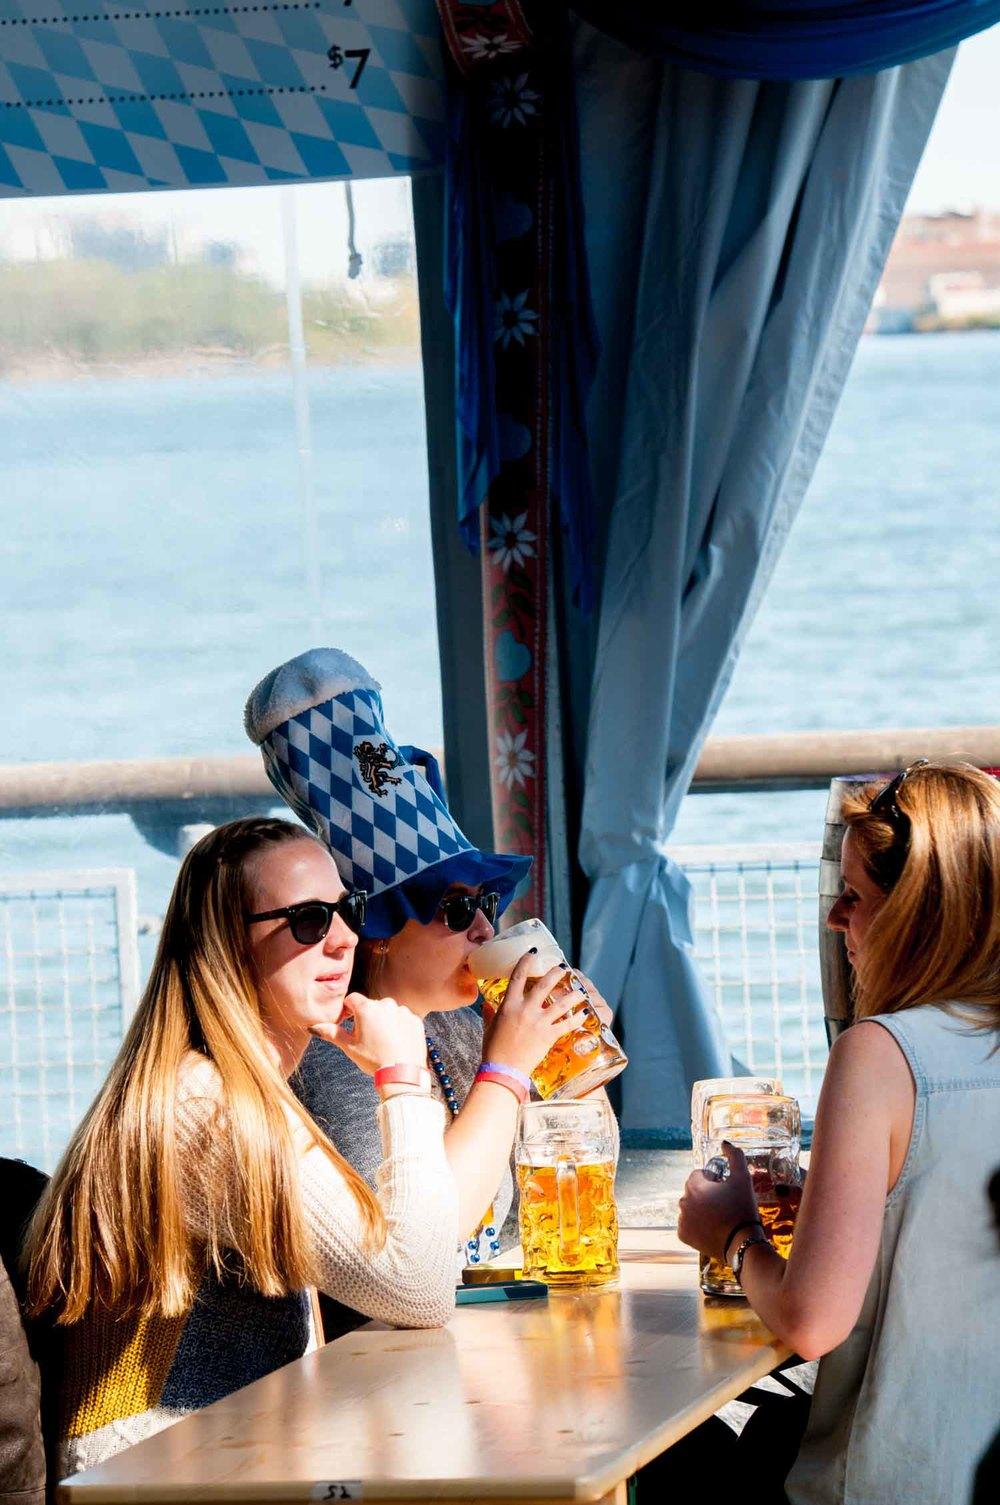 zum-schneider-nyc-2014-oktoberfest-munich-east-river-3270.jpg